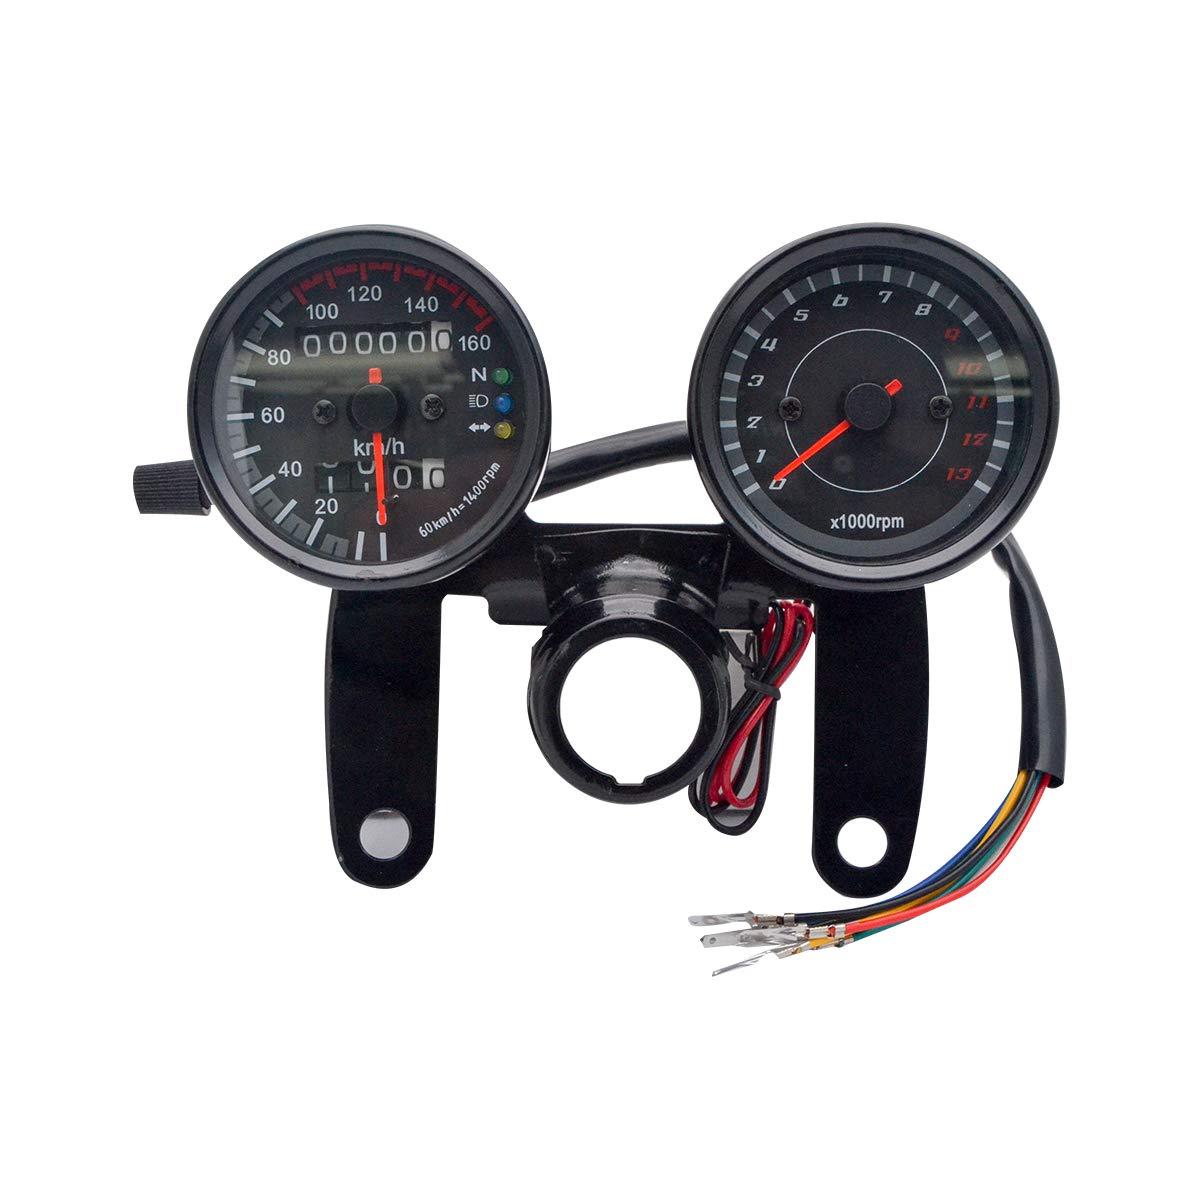 MASO LED Digital Speedometer Dual Motorbike Odometer Gauge Motorcycle Tachometer Oil Level Meter with Blacklight